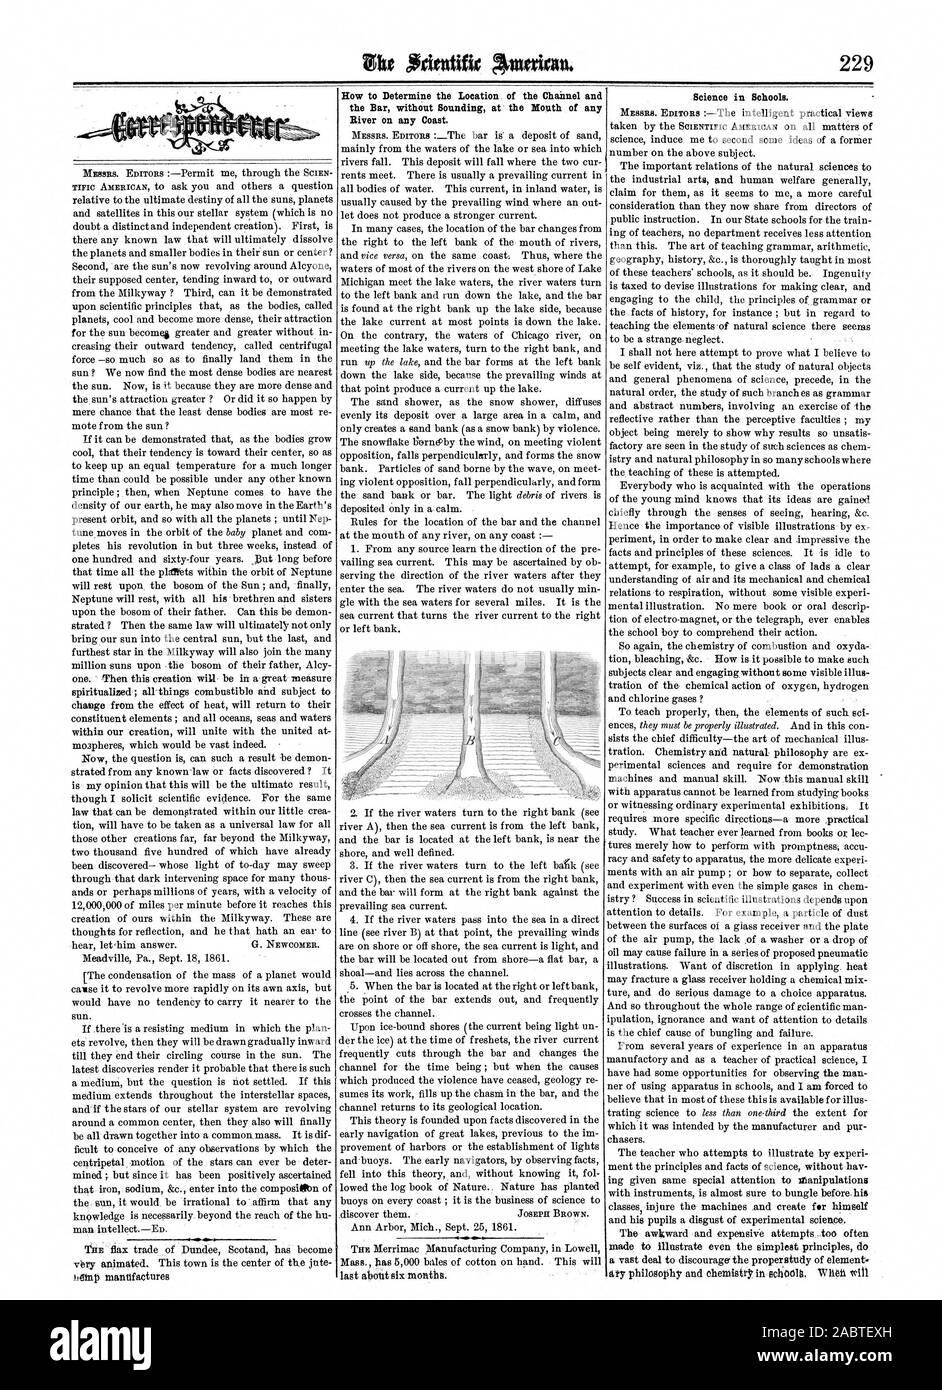 Cómo determinar la ubicación del canal y el Bar sin que suenen en la desembocadura de río en cualquier costa. La ciencia en las escuelas., Scientific American, 1861-10-12 Foto de stock